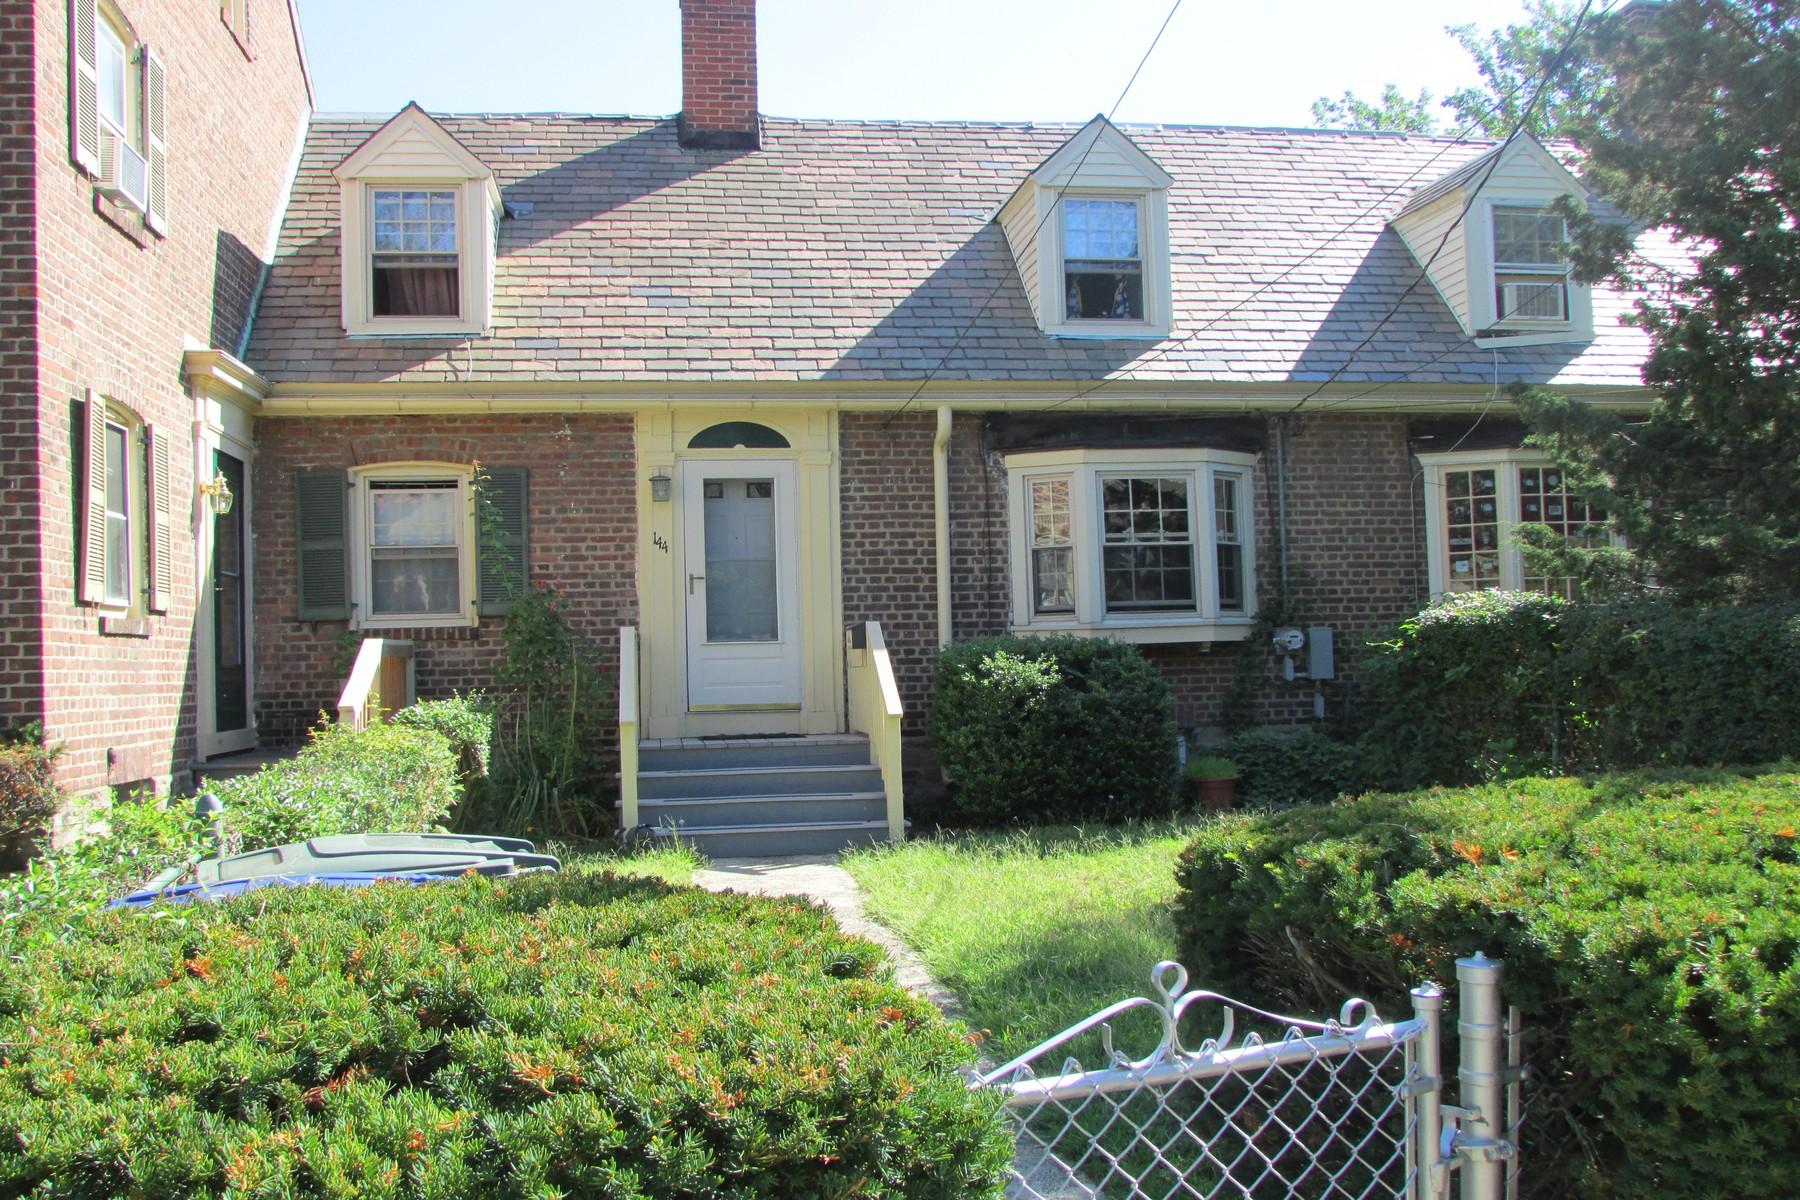 Кооперативная квартира для того Продажа на Great Opportunity 144 Alsace Street Bridgeport, Коннектикут 06604 Соединенные Штаты